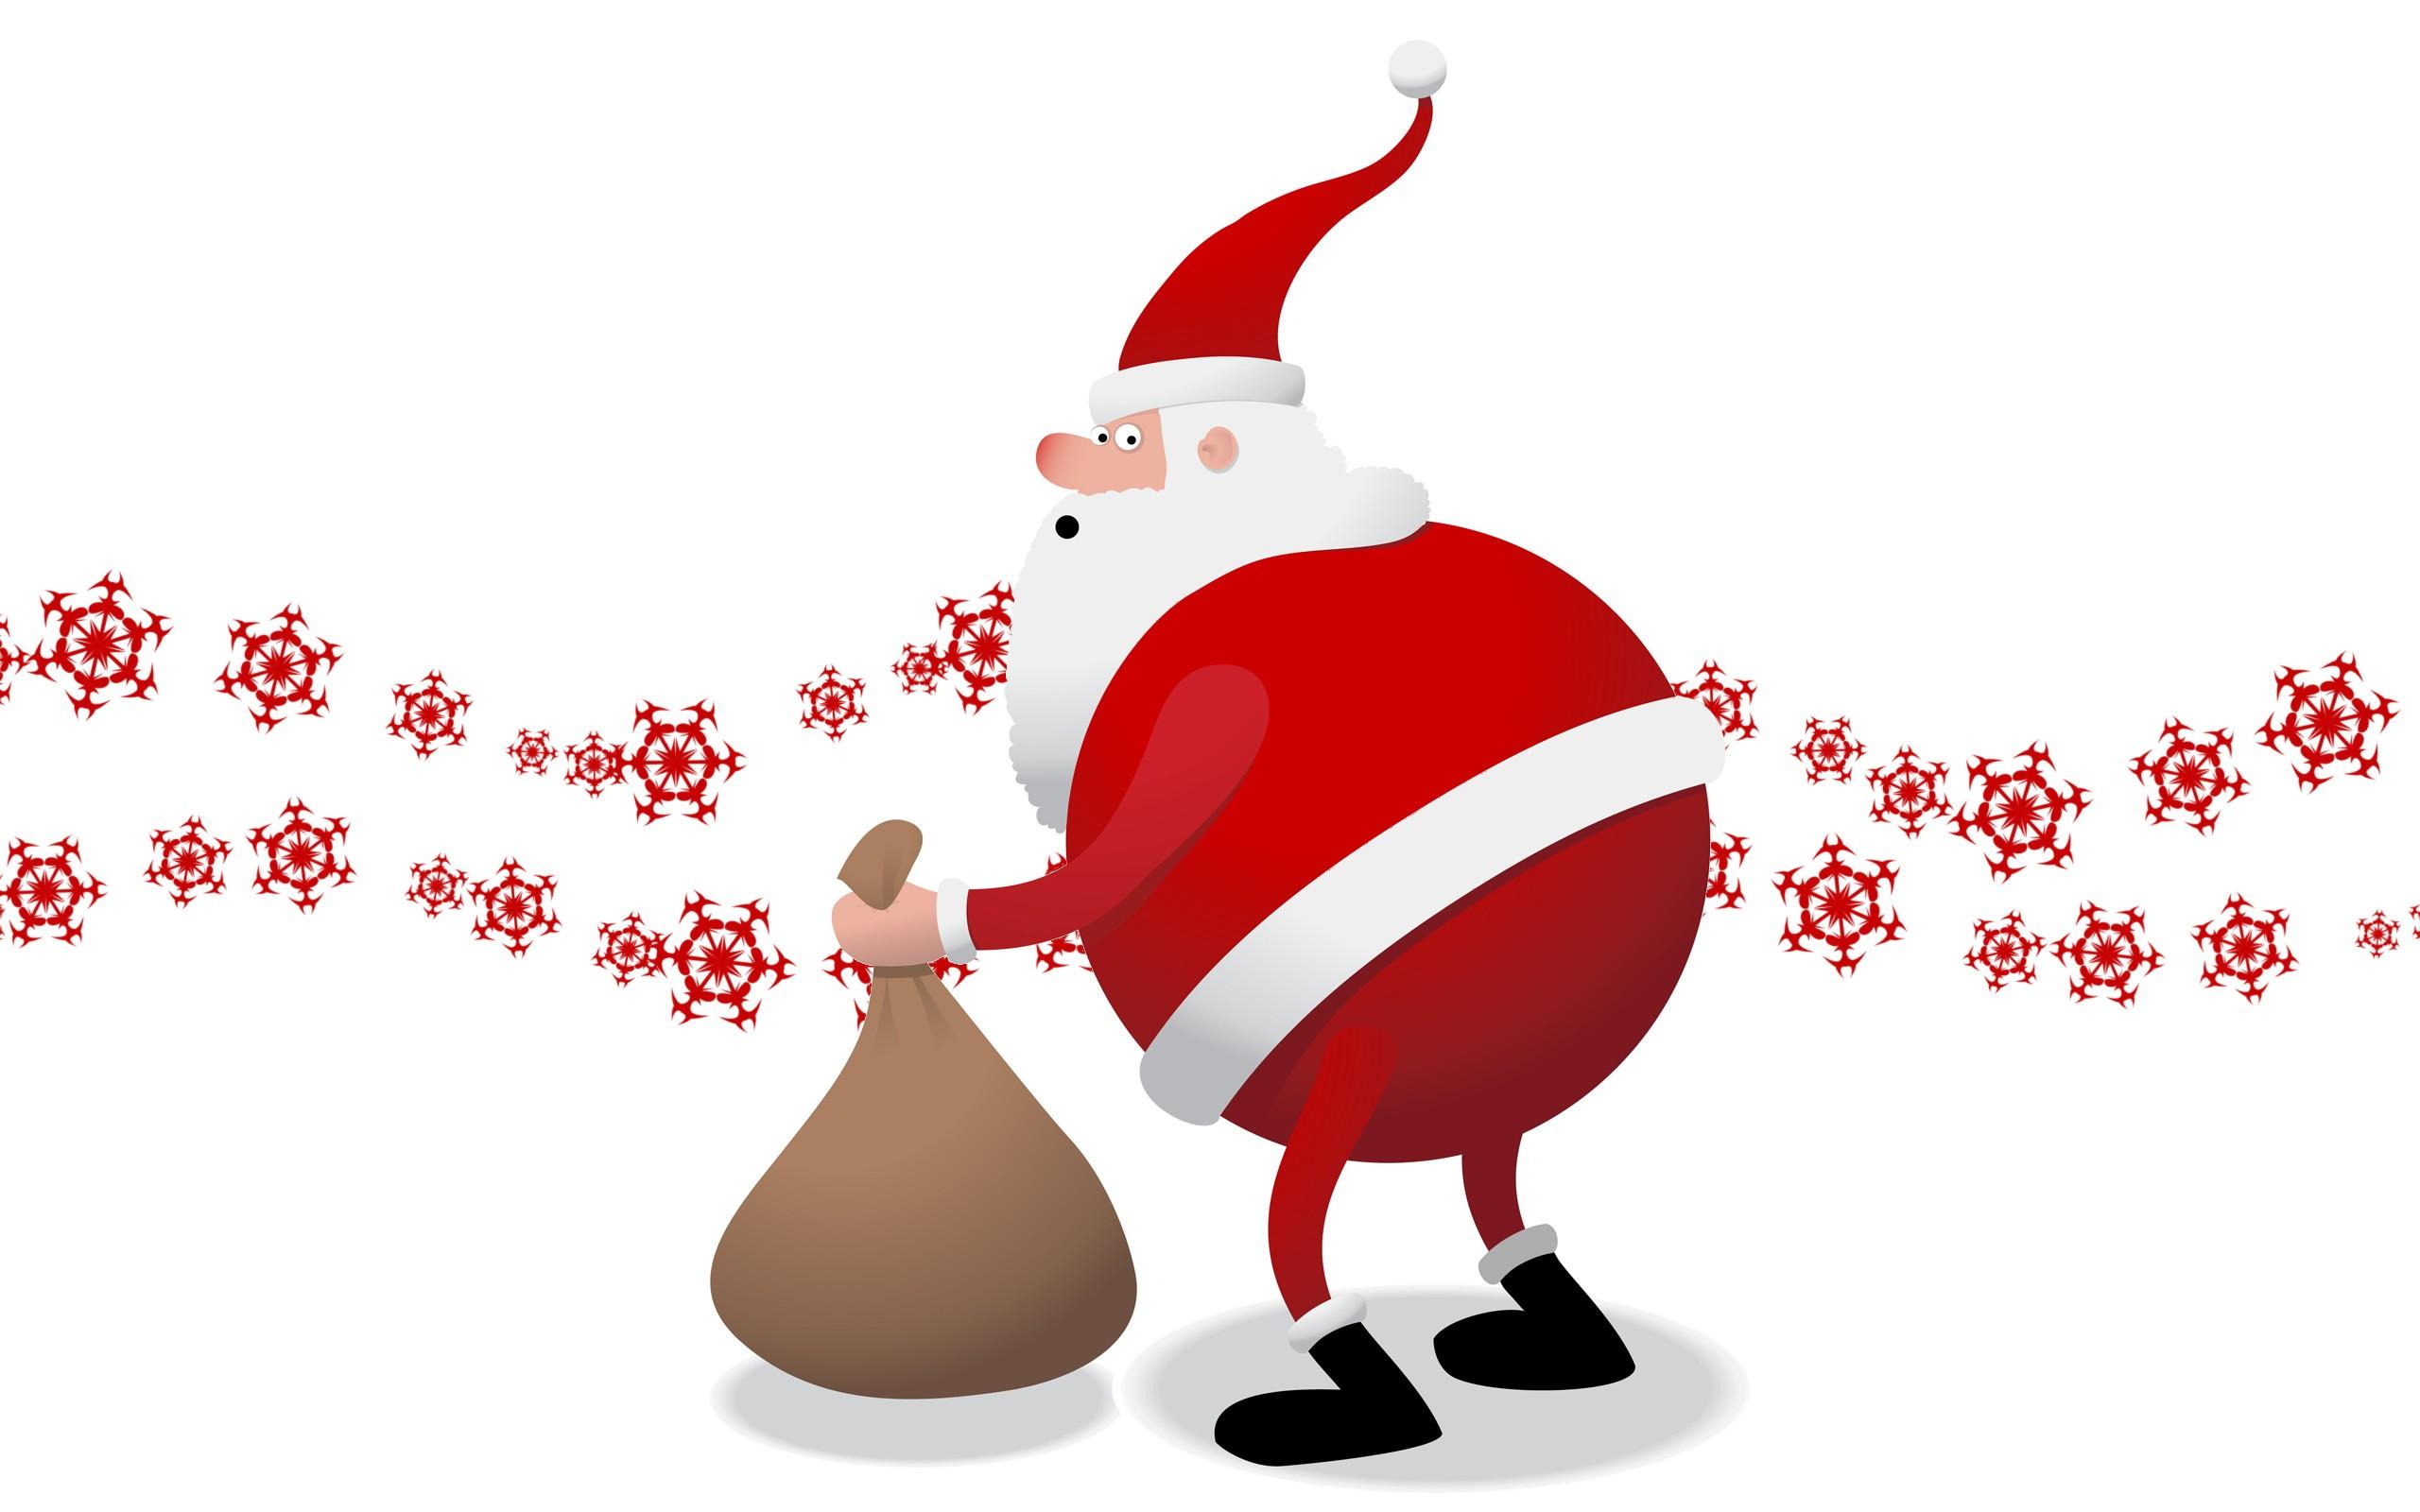 Santa Claus el gordo - 2560x1600